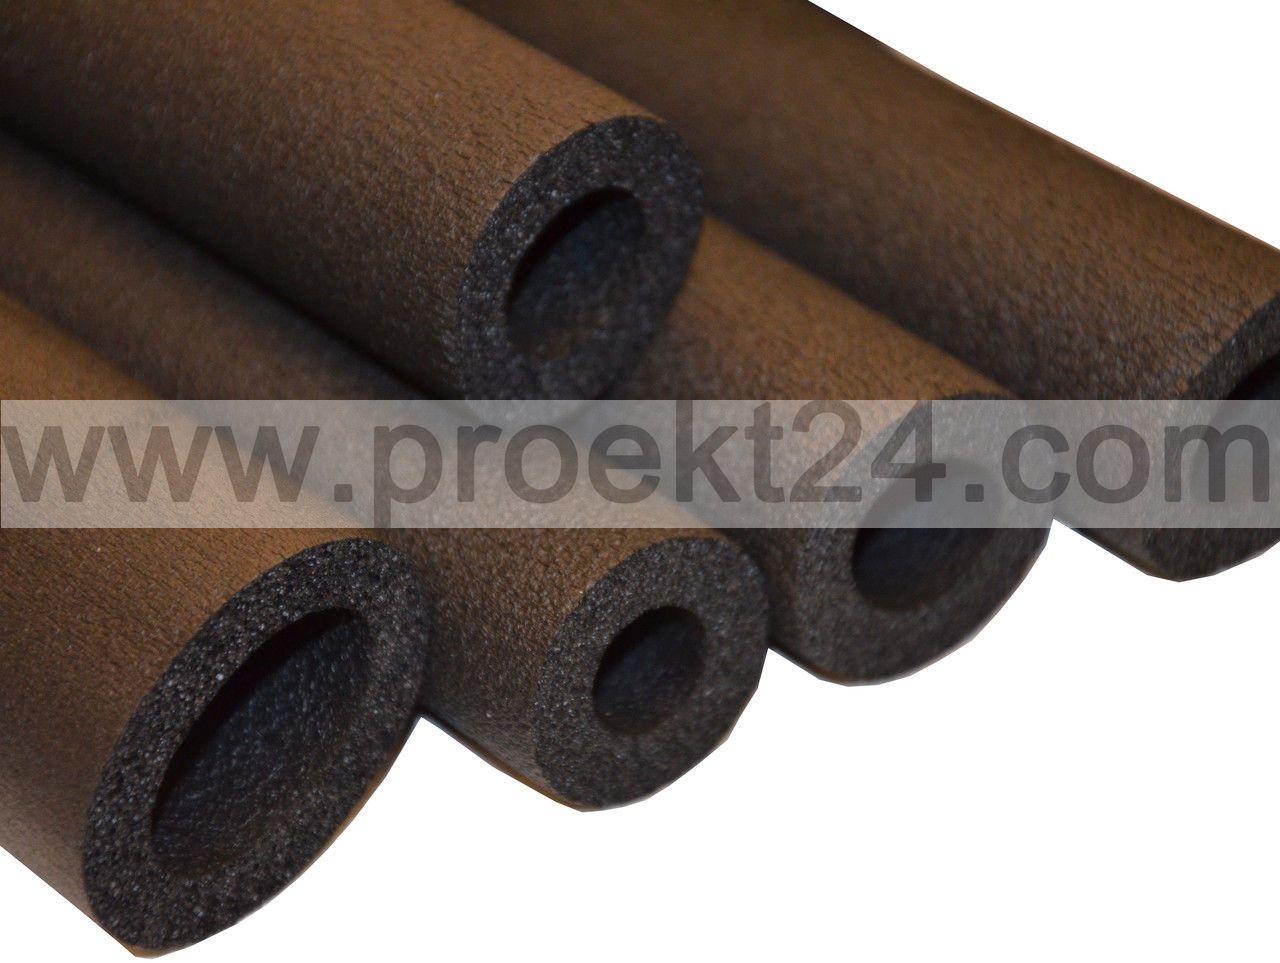 Трубная каучуковая изоляция 89/19, Ø=89 мм, толщ.:19 мм